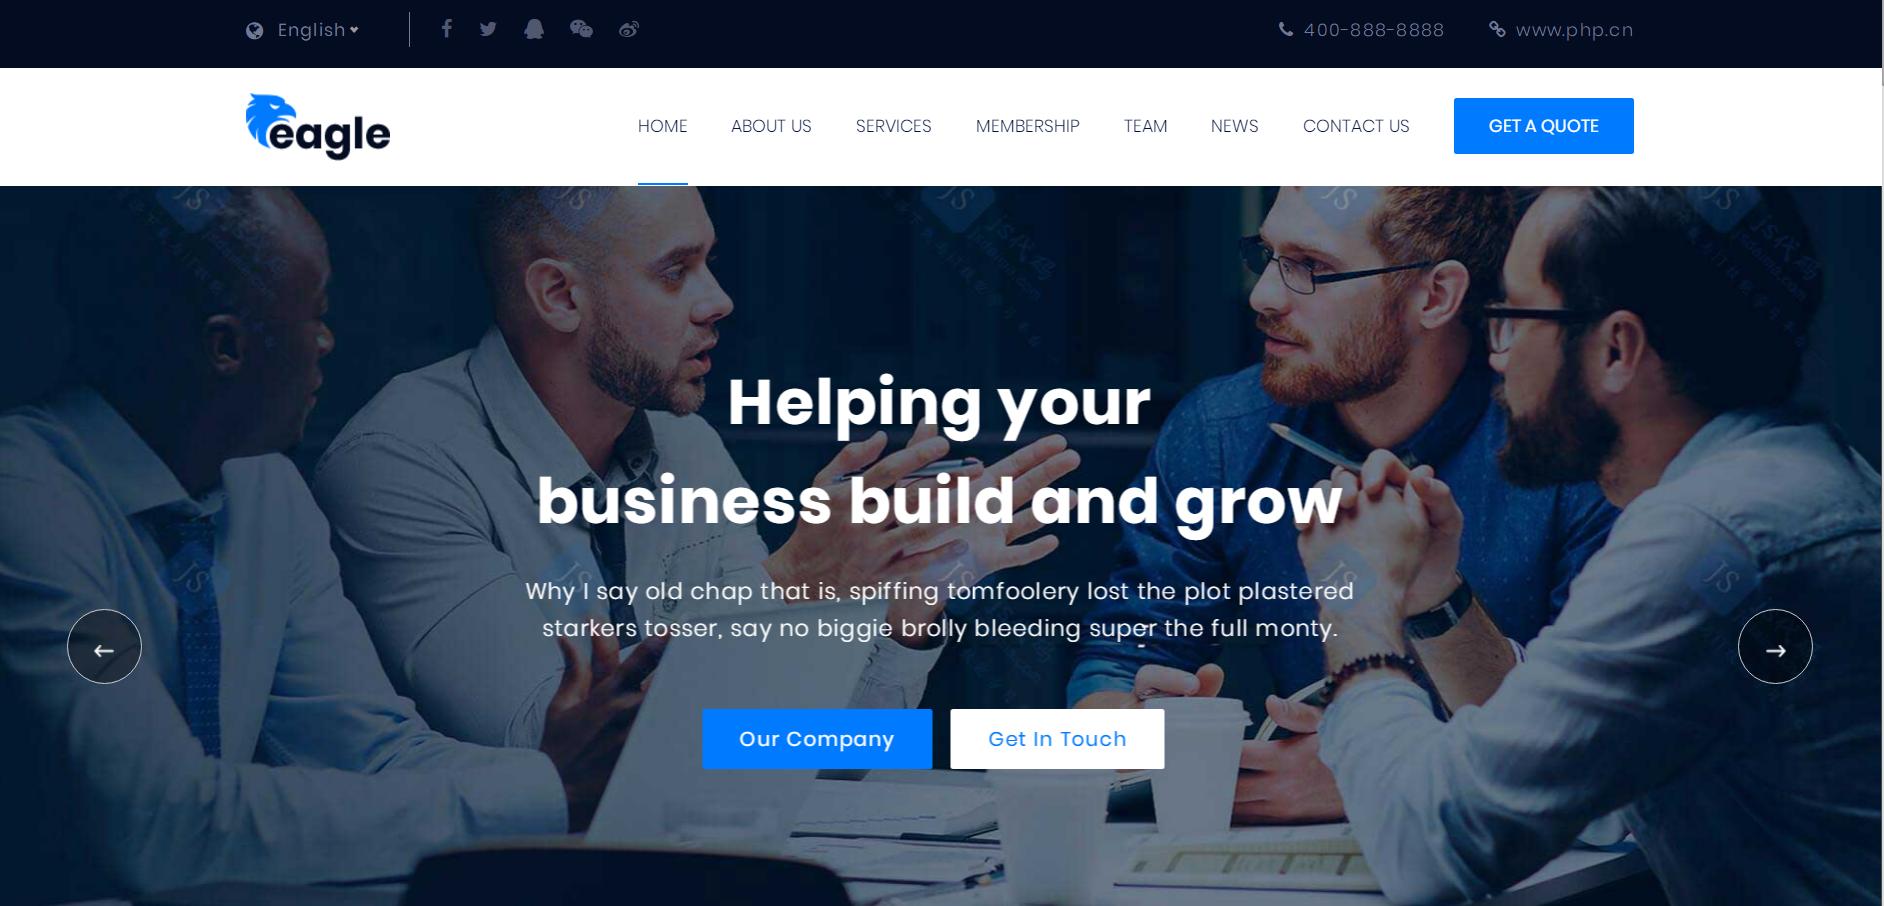 蓝色商务信息咨询解决方案提供创意设计公司HTML5响应式网站模板